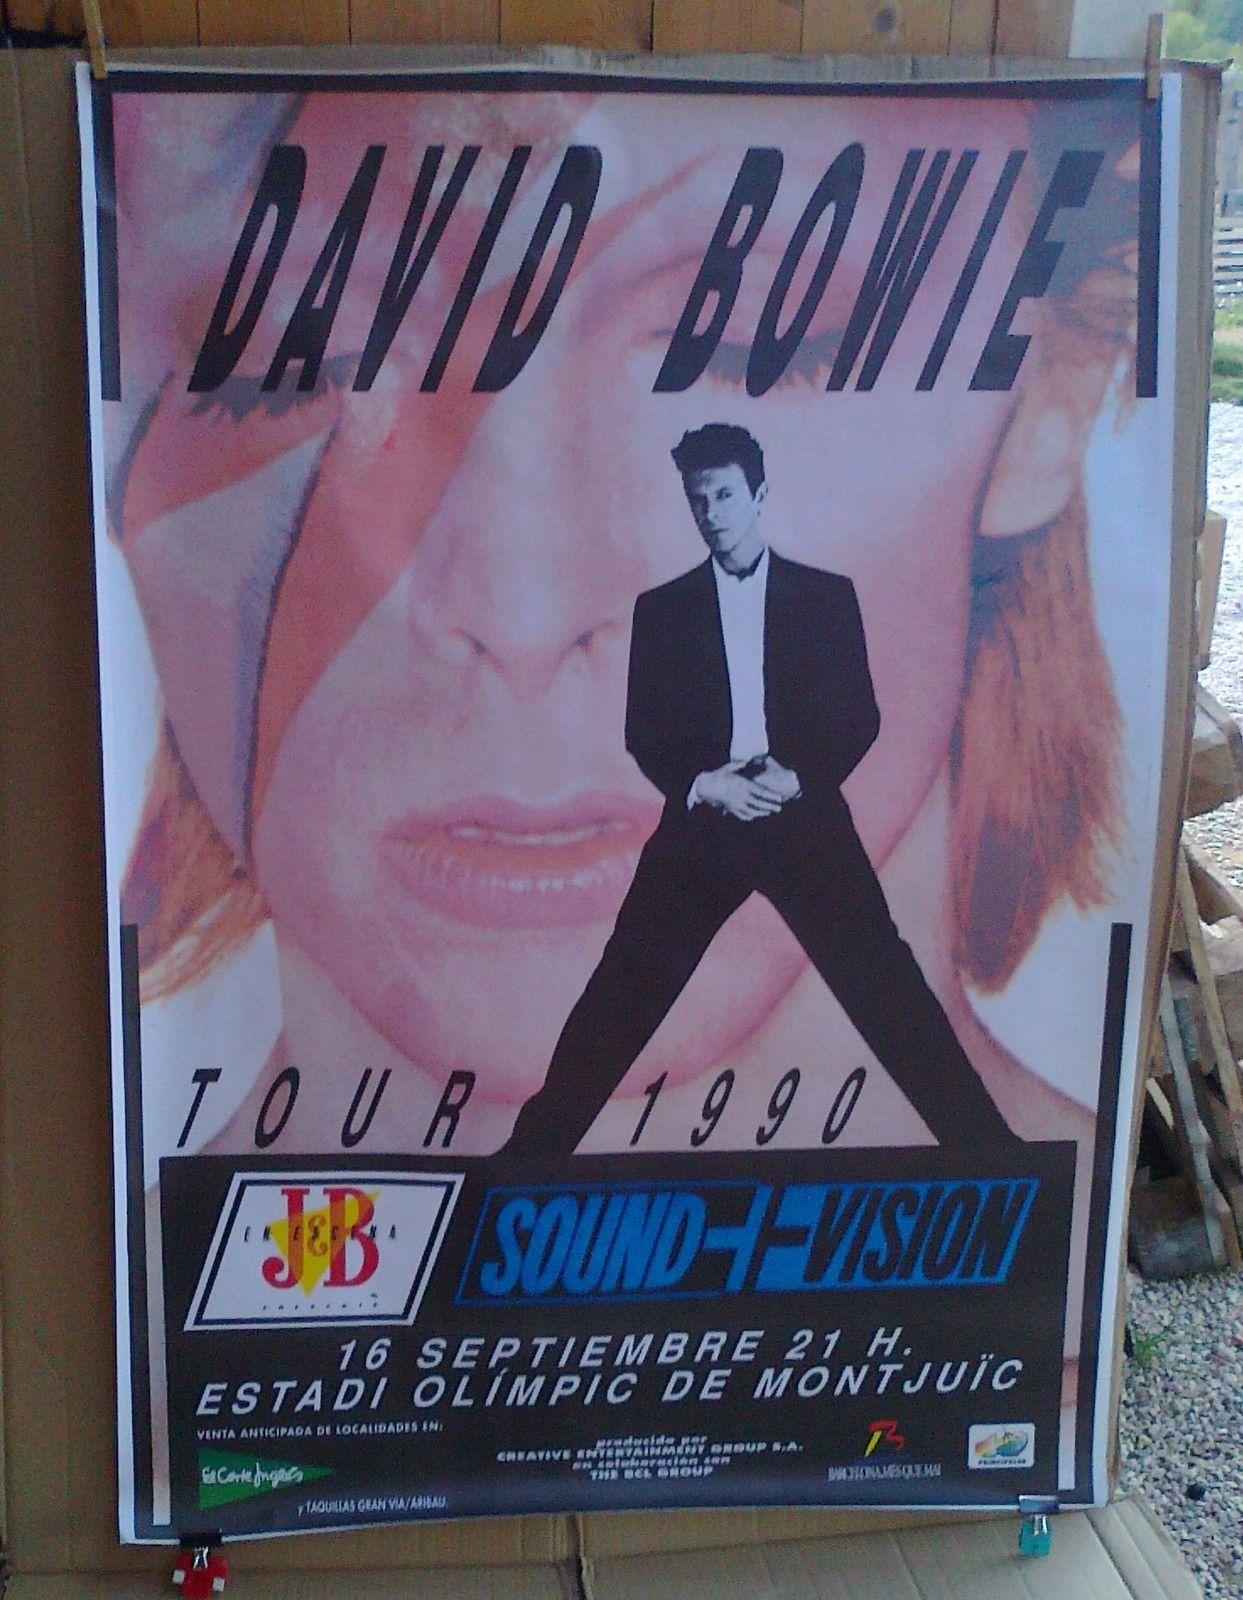 poster bowie 1990 bcn